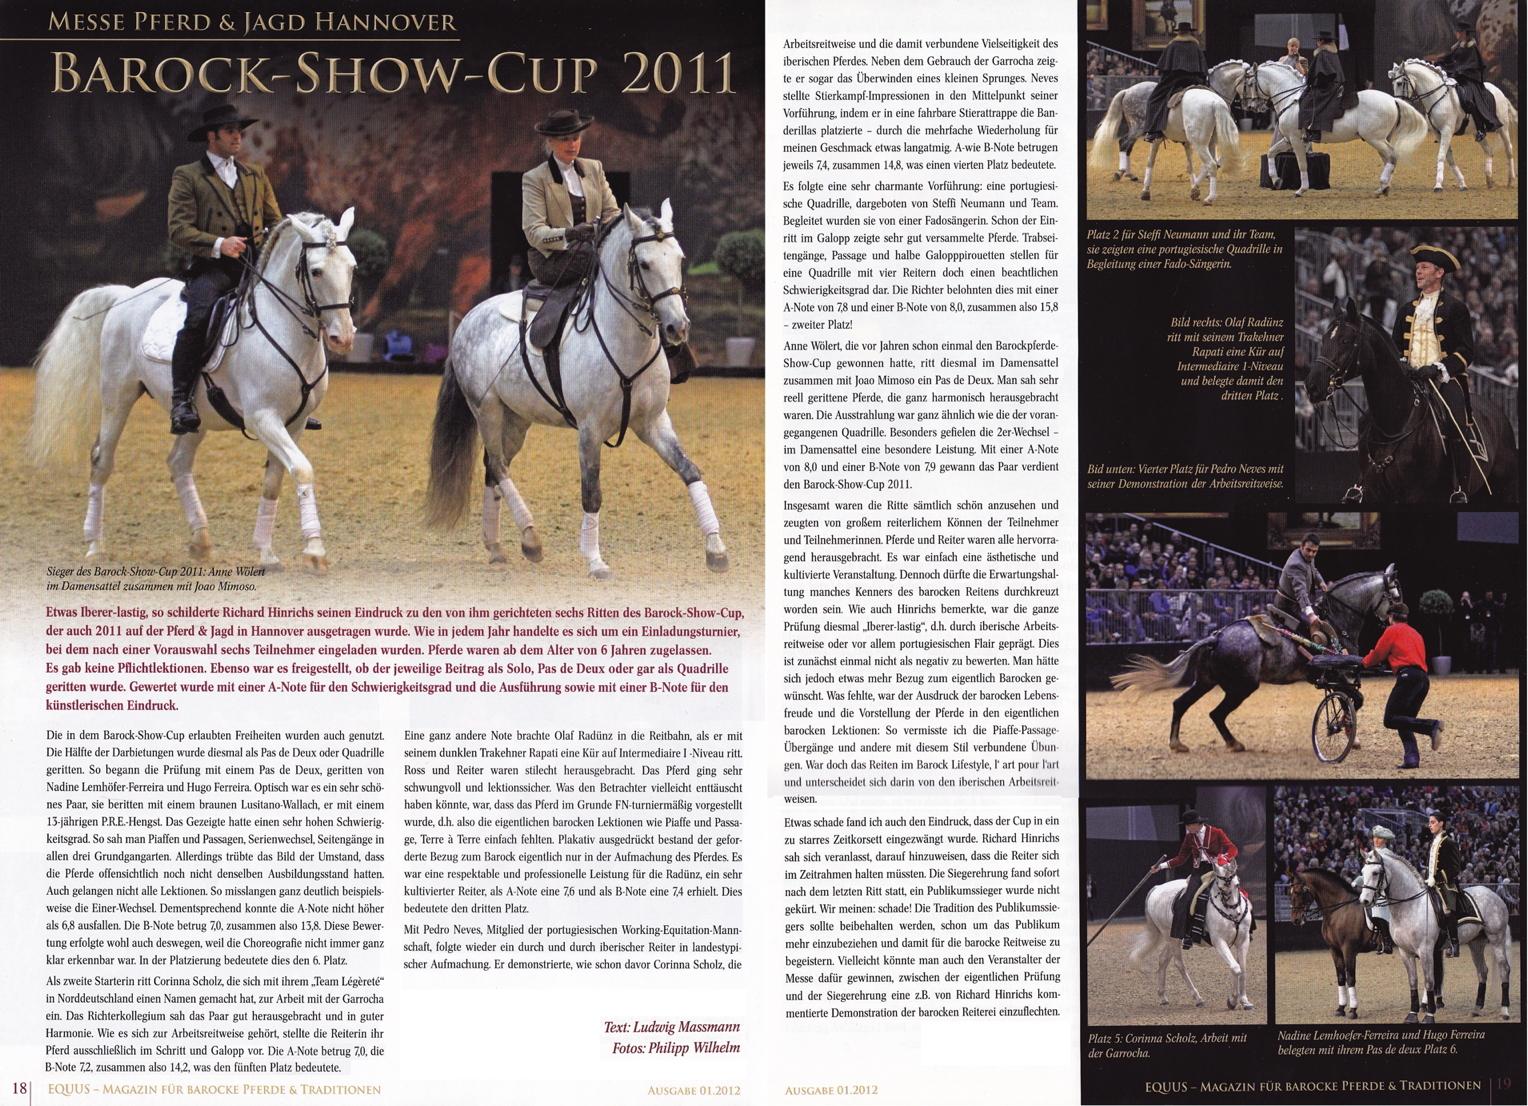 12-2011 Equus 2